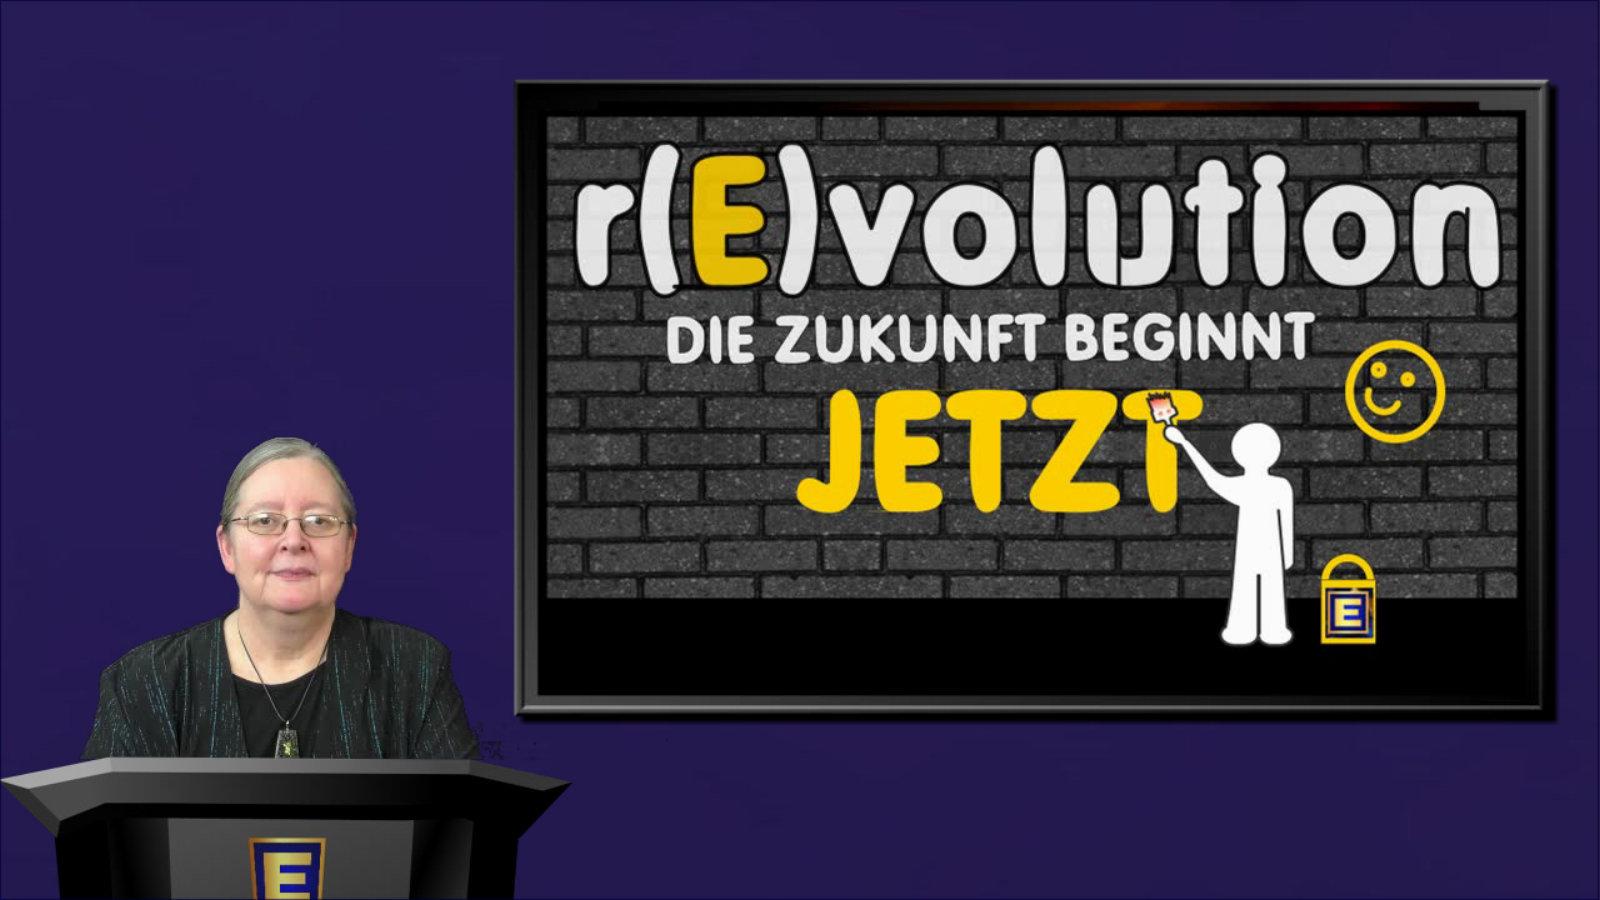 Die r(E)volution: Die Zukunft beginnt JETZT